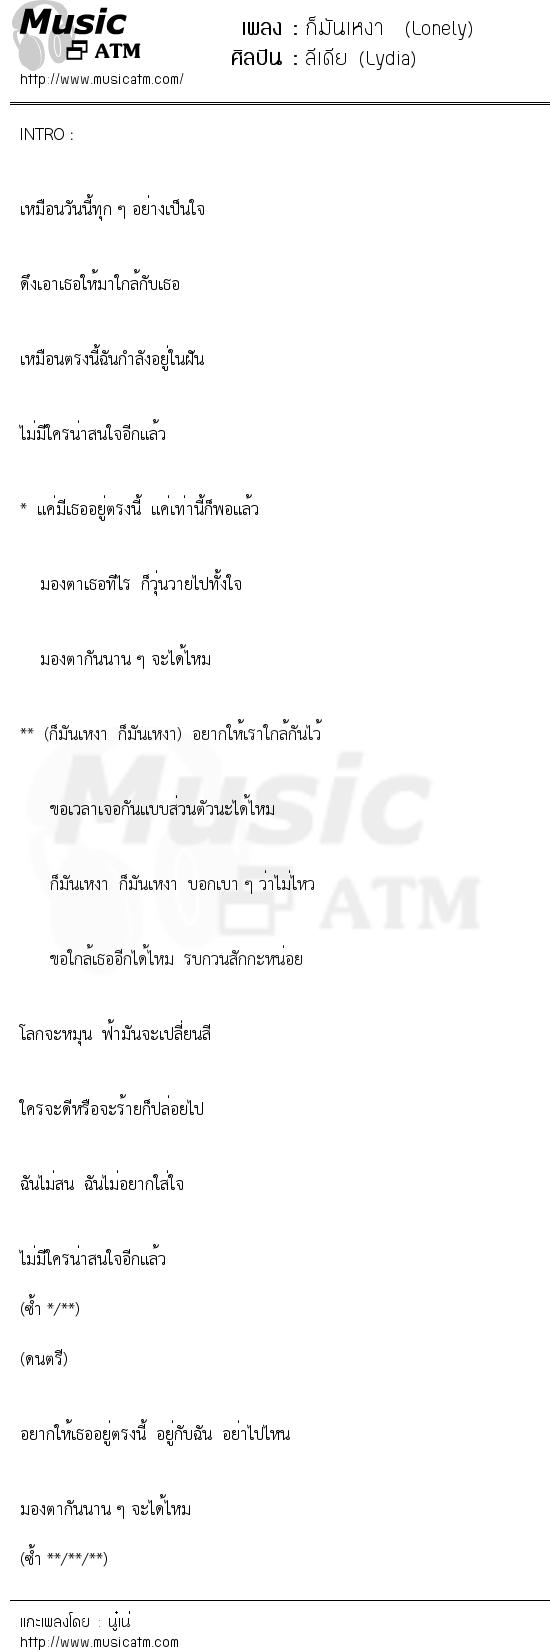 ก็มันเหงา  (Lonely)   เพลงไทย